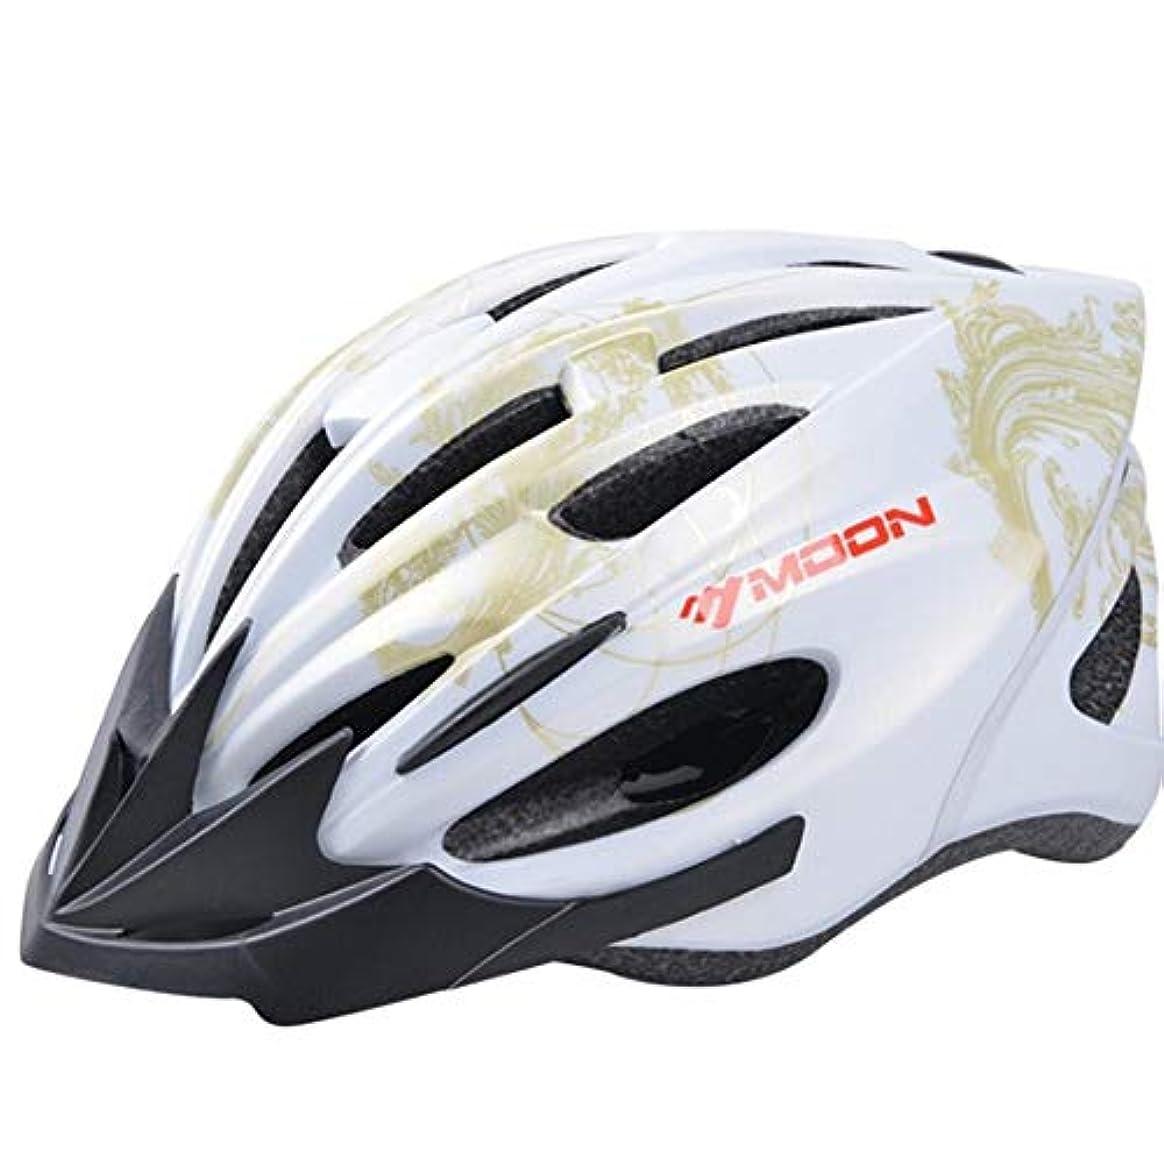 章勘違いするトランスミッションCXUNKK 発光警告乗馬ヘルメット自転車ヘルメット一体成型